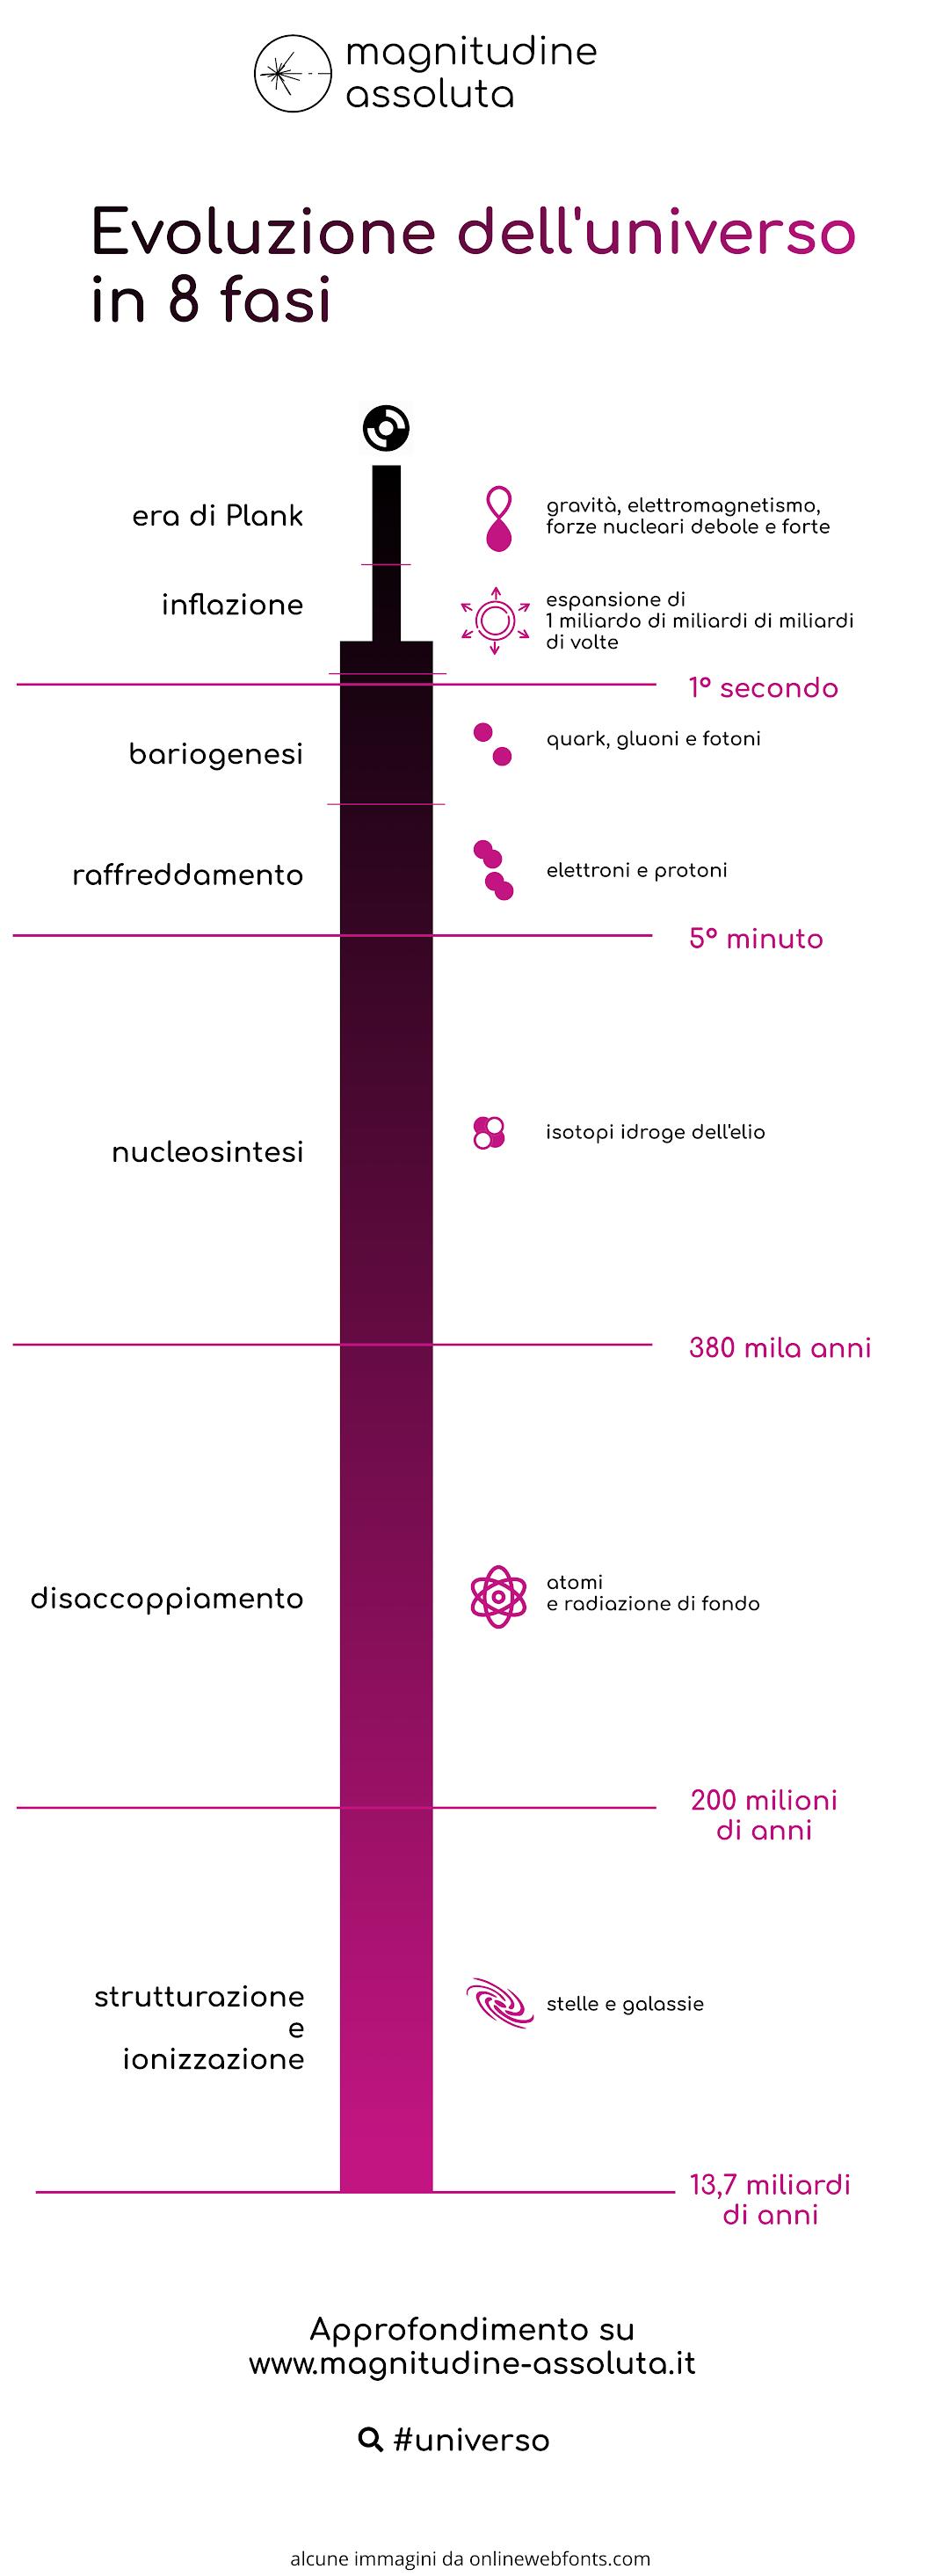 Rappresentazione grafica delle 8 fasi principali in cui si è sviluppato l'universo durante il Big Bang. Credits www.magnitudine-assoluta.it